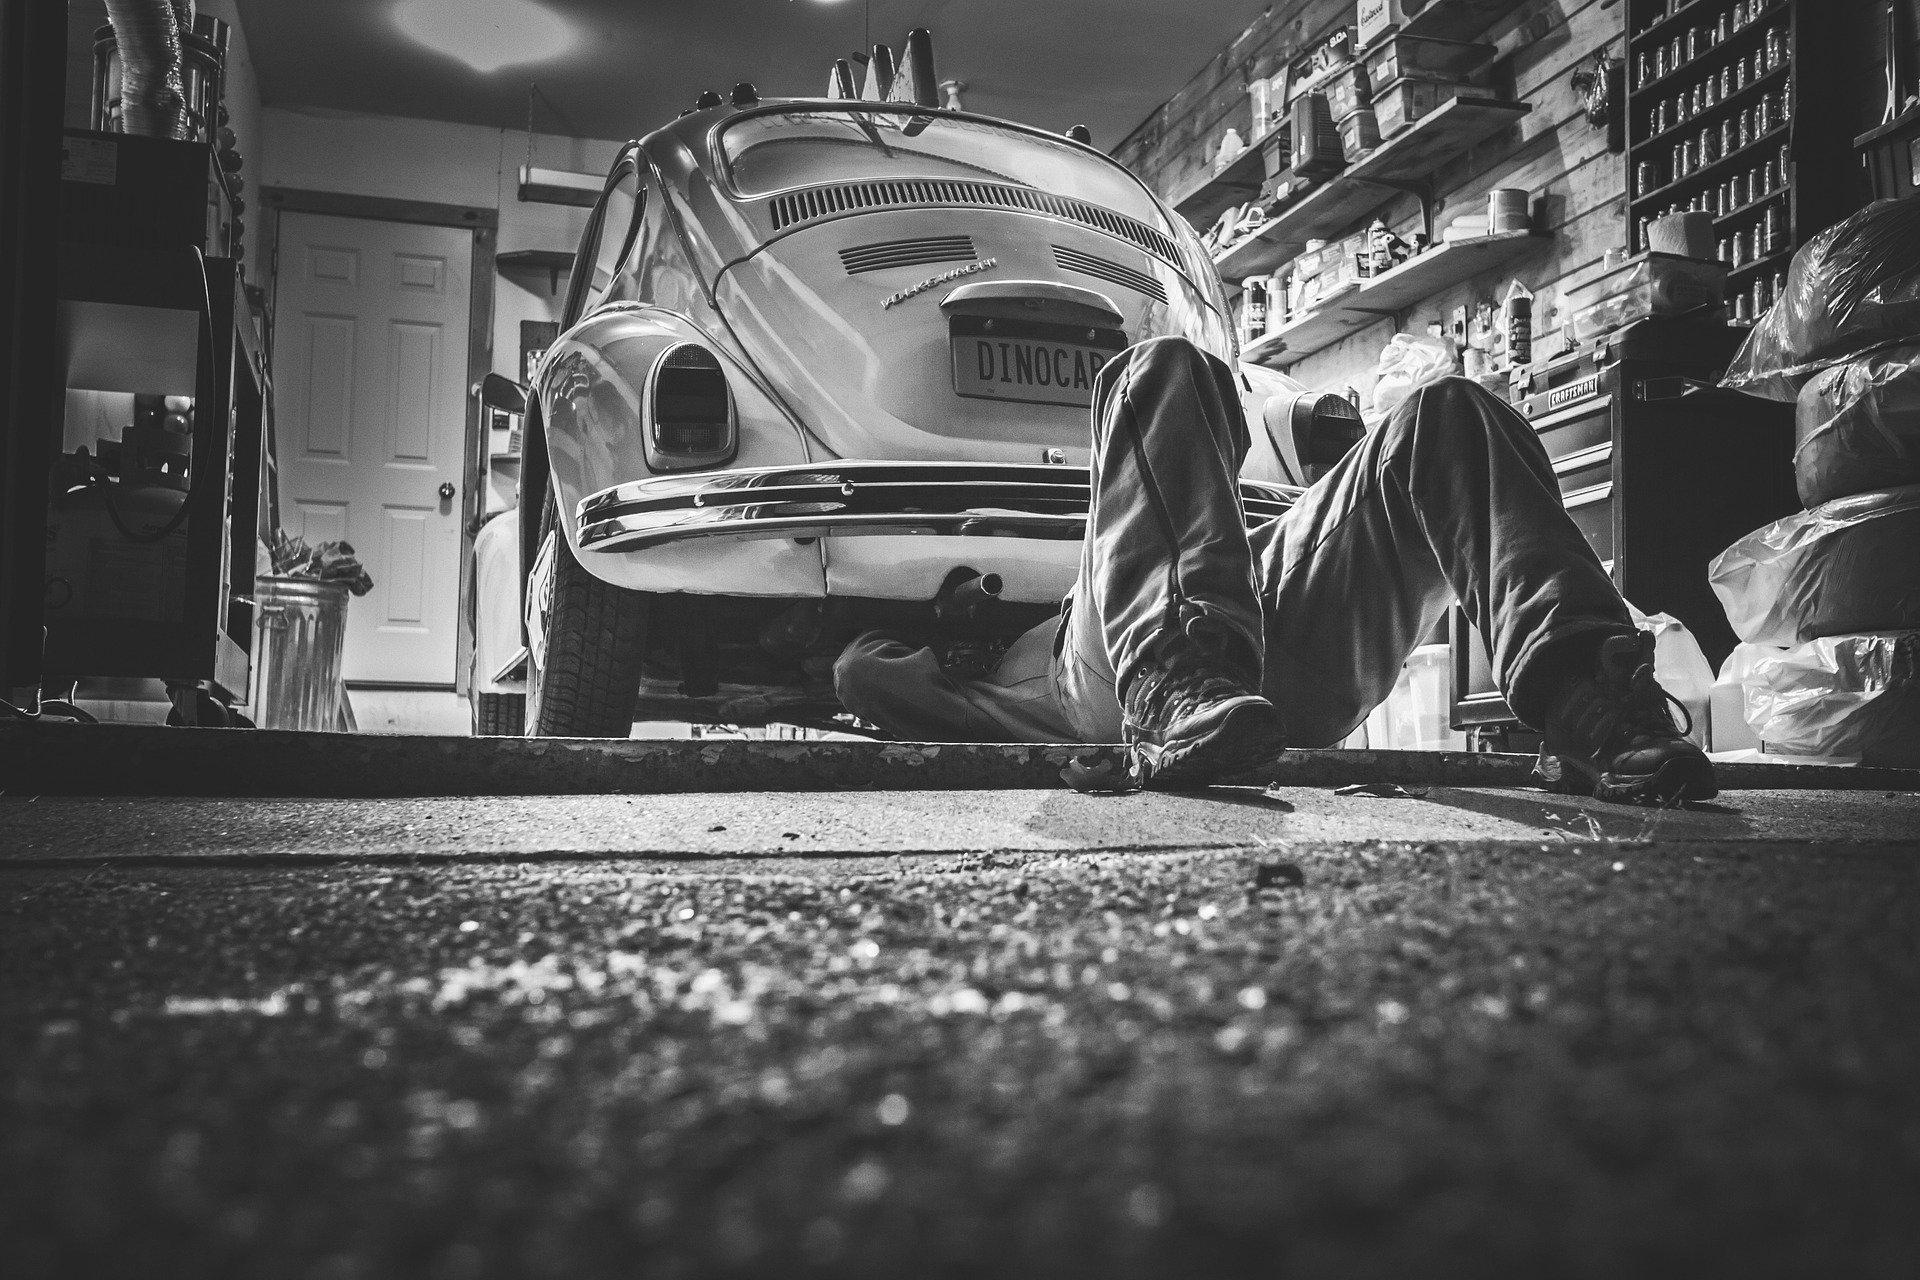 Guarnizioni portiere auto